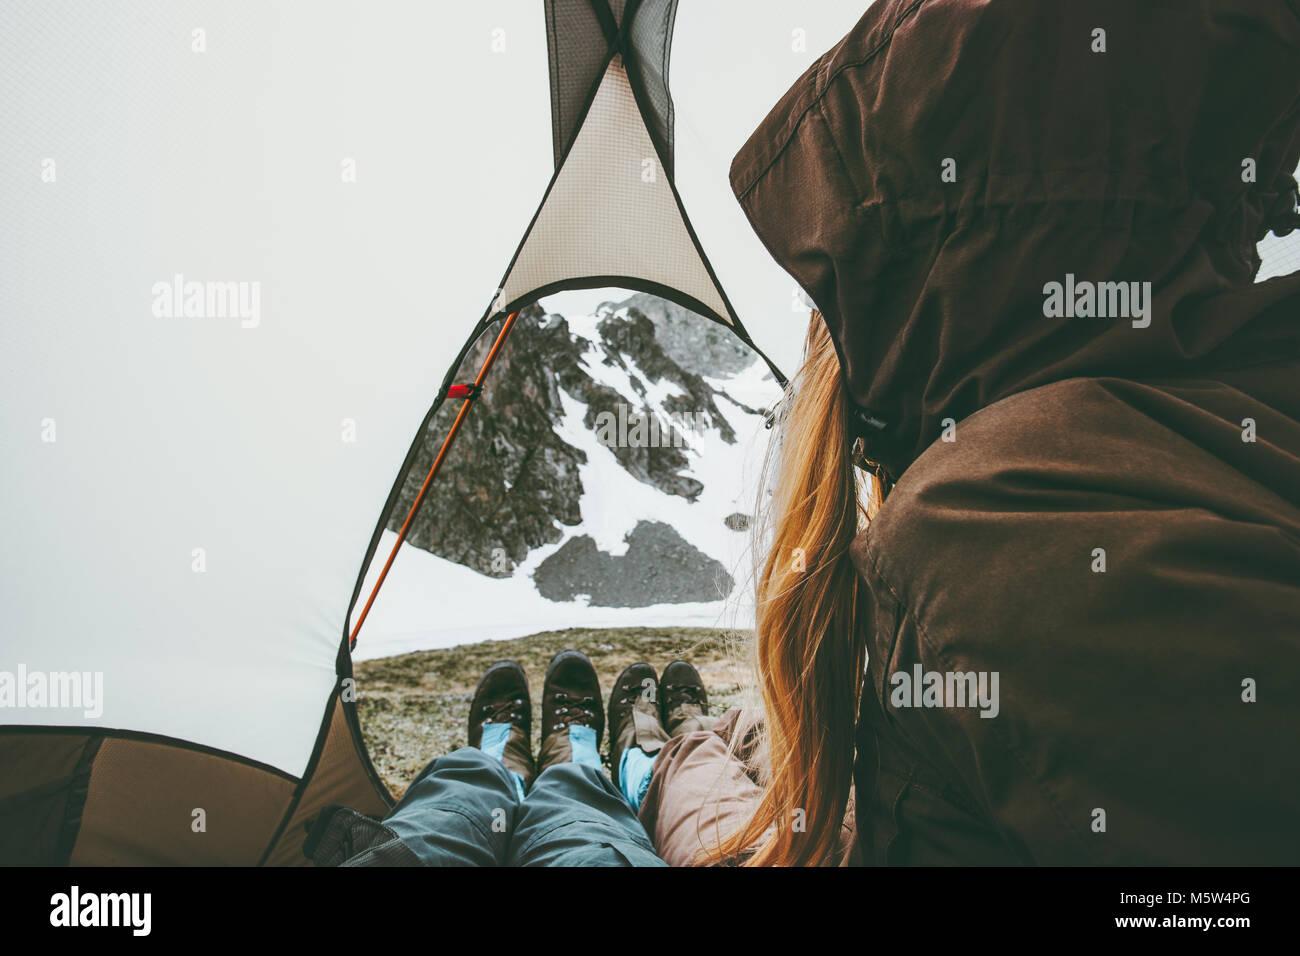 Viaggiare giovane in tende da campeggio rilassante all'interno del concetto di stile di vita Vacanze avventura Immagini Stock